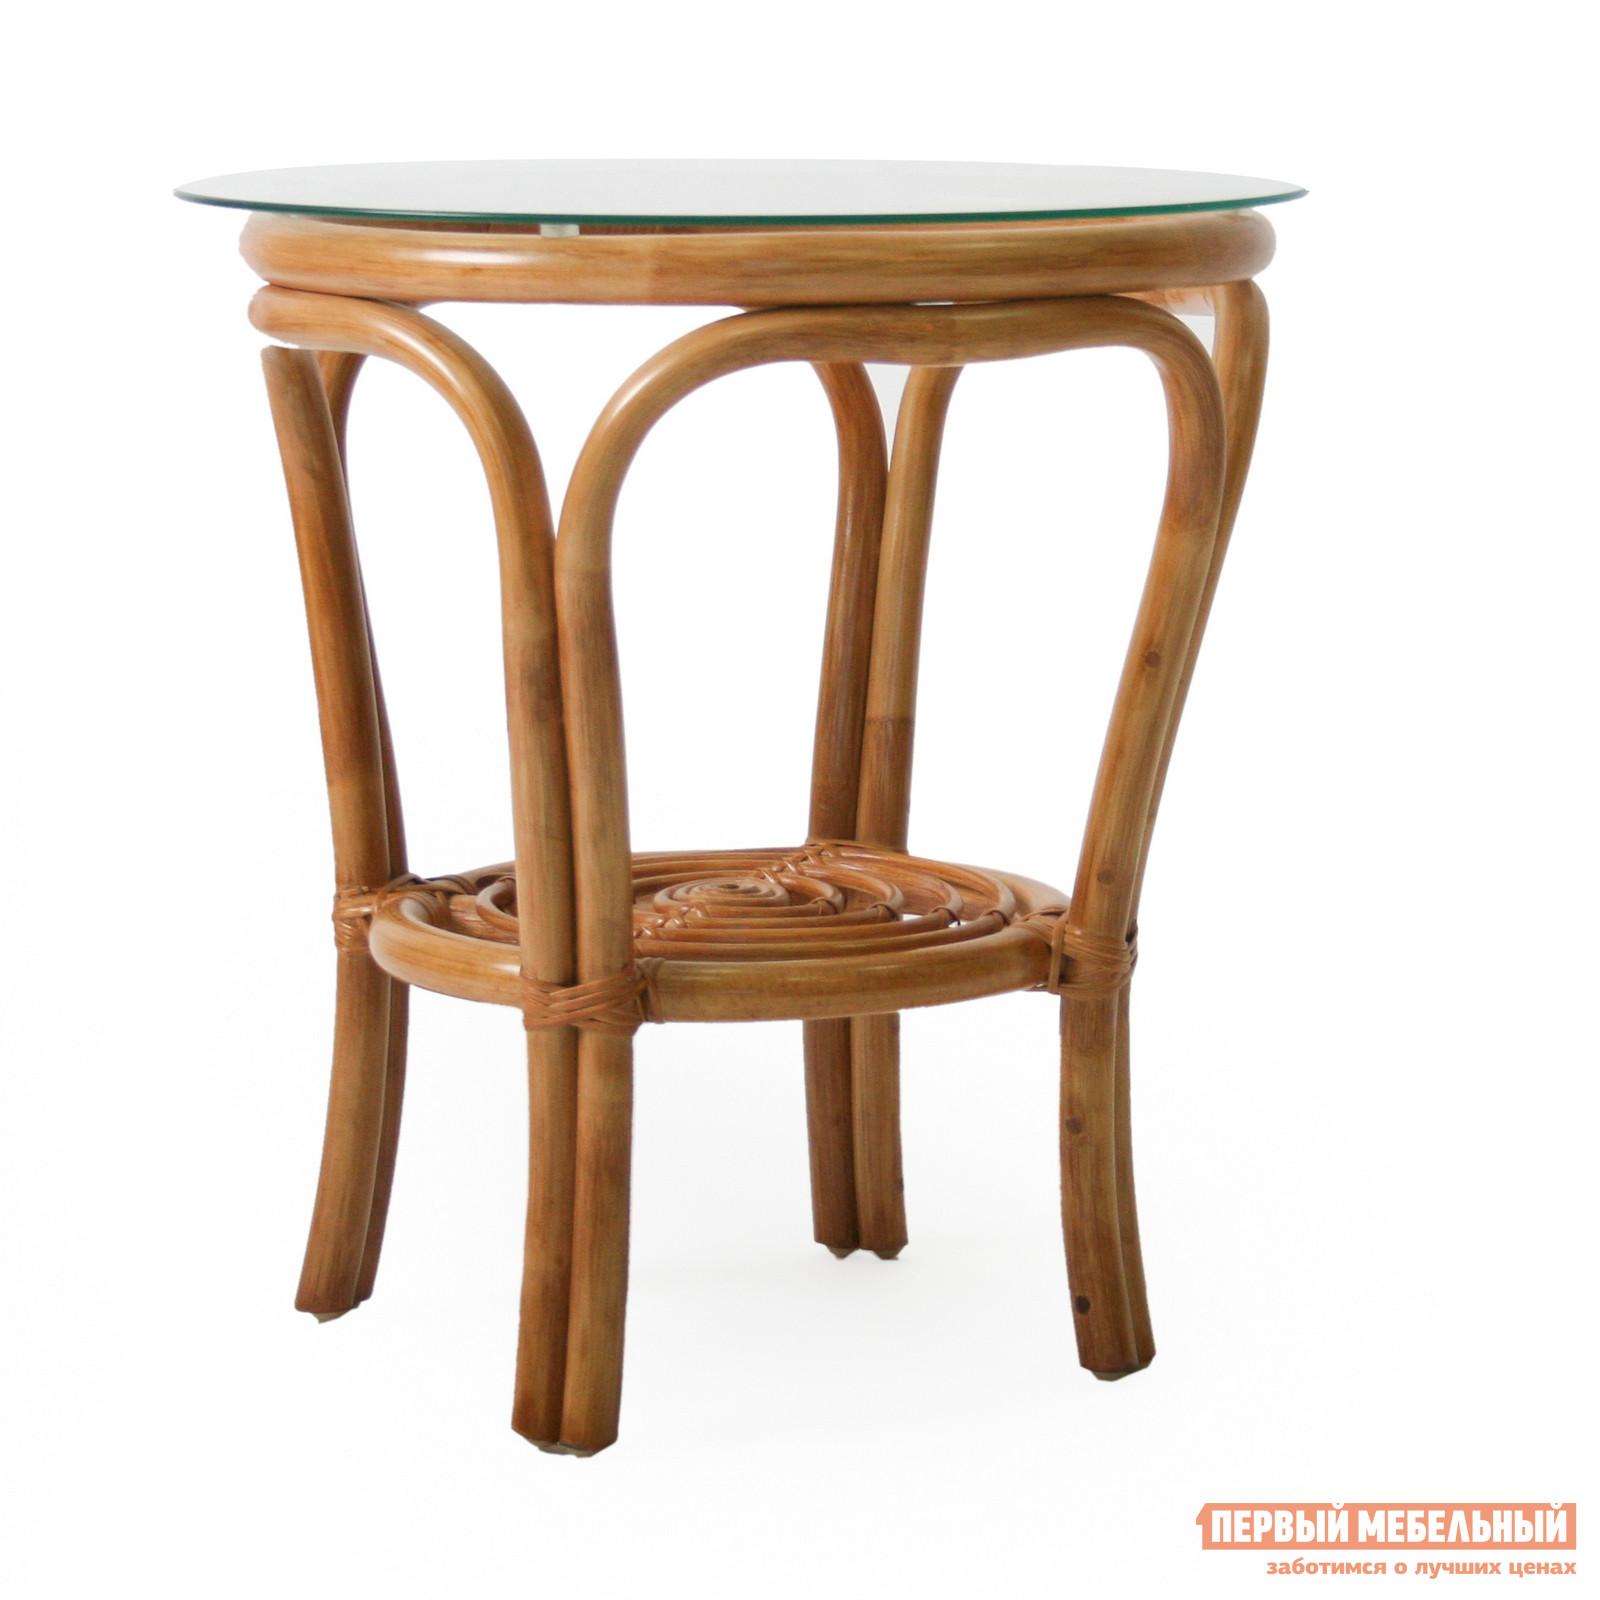 Плетеный стол Мебель Импэкс Журнальный столик Bali со стеклом